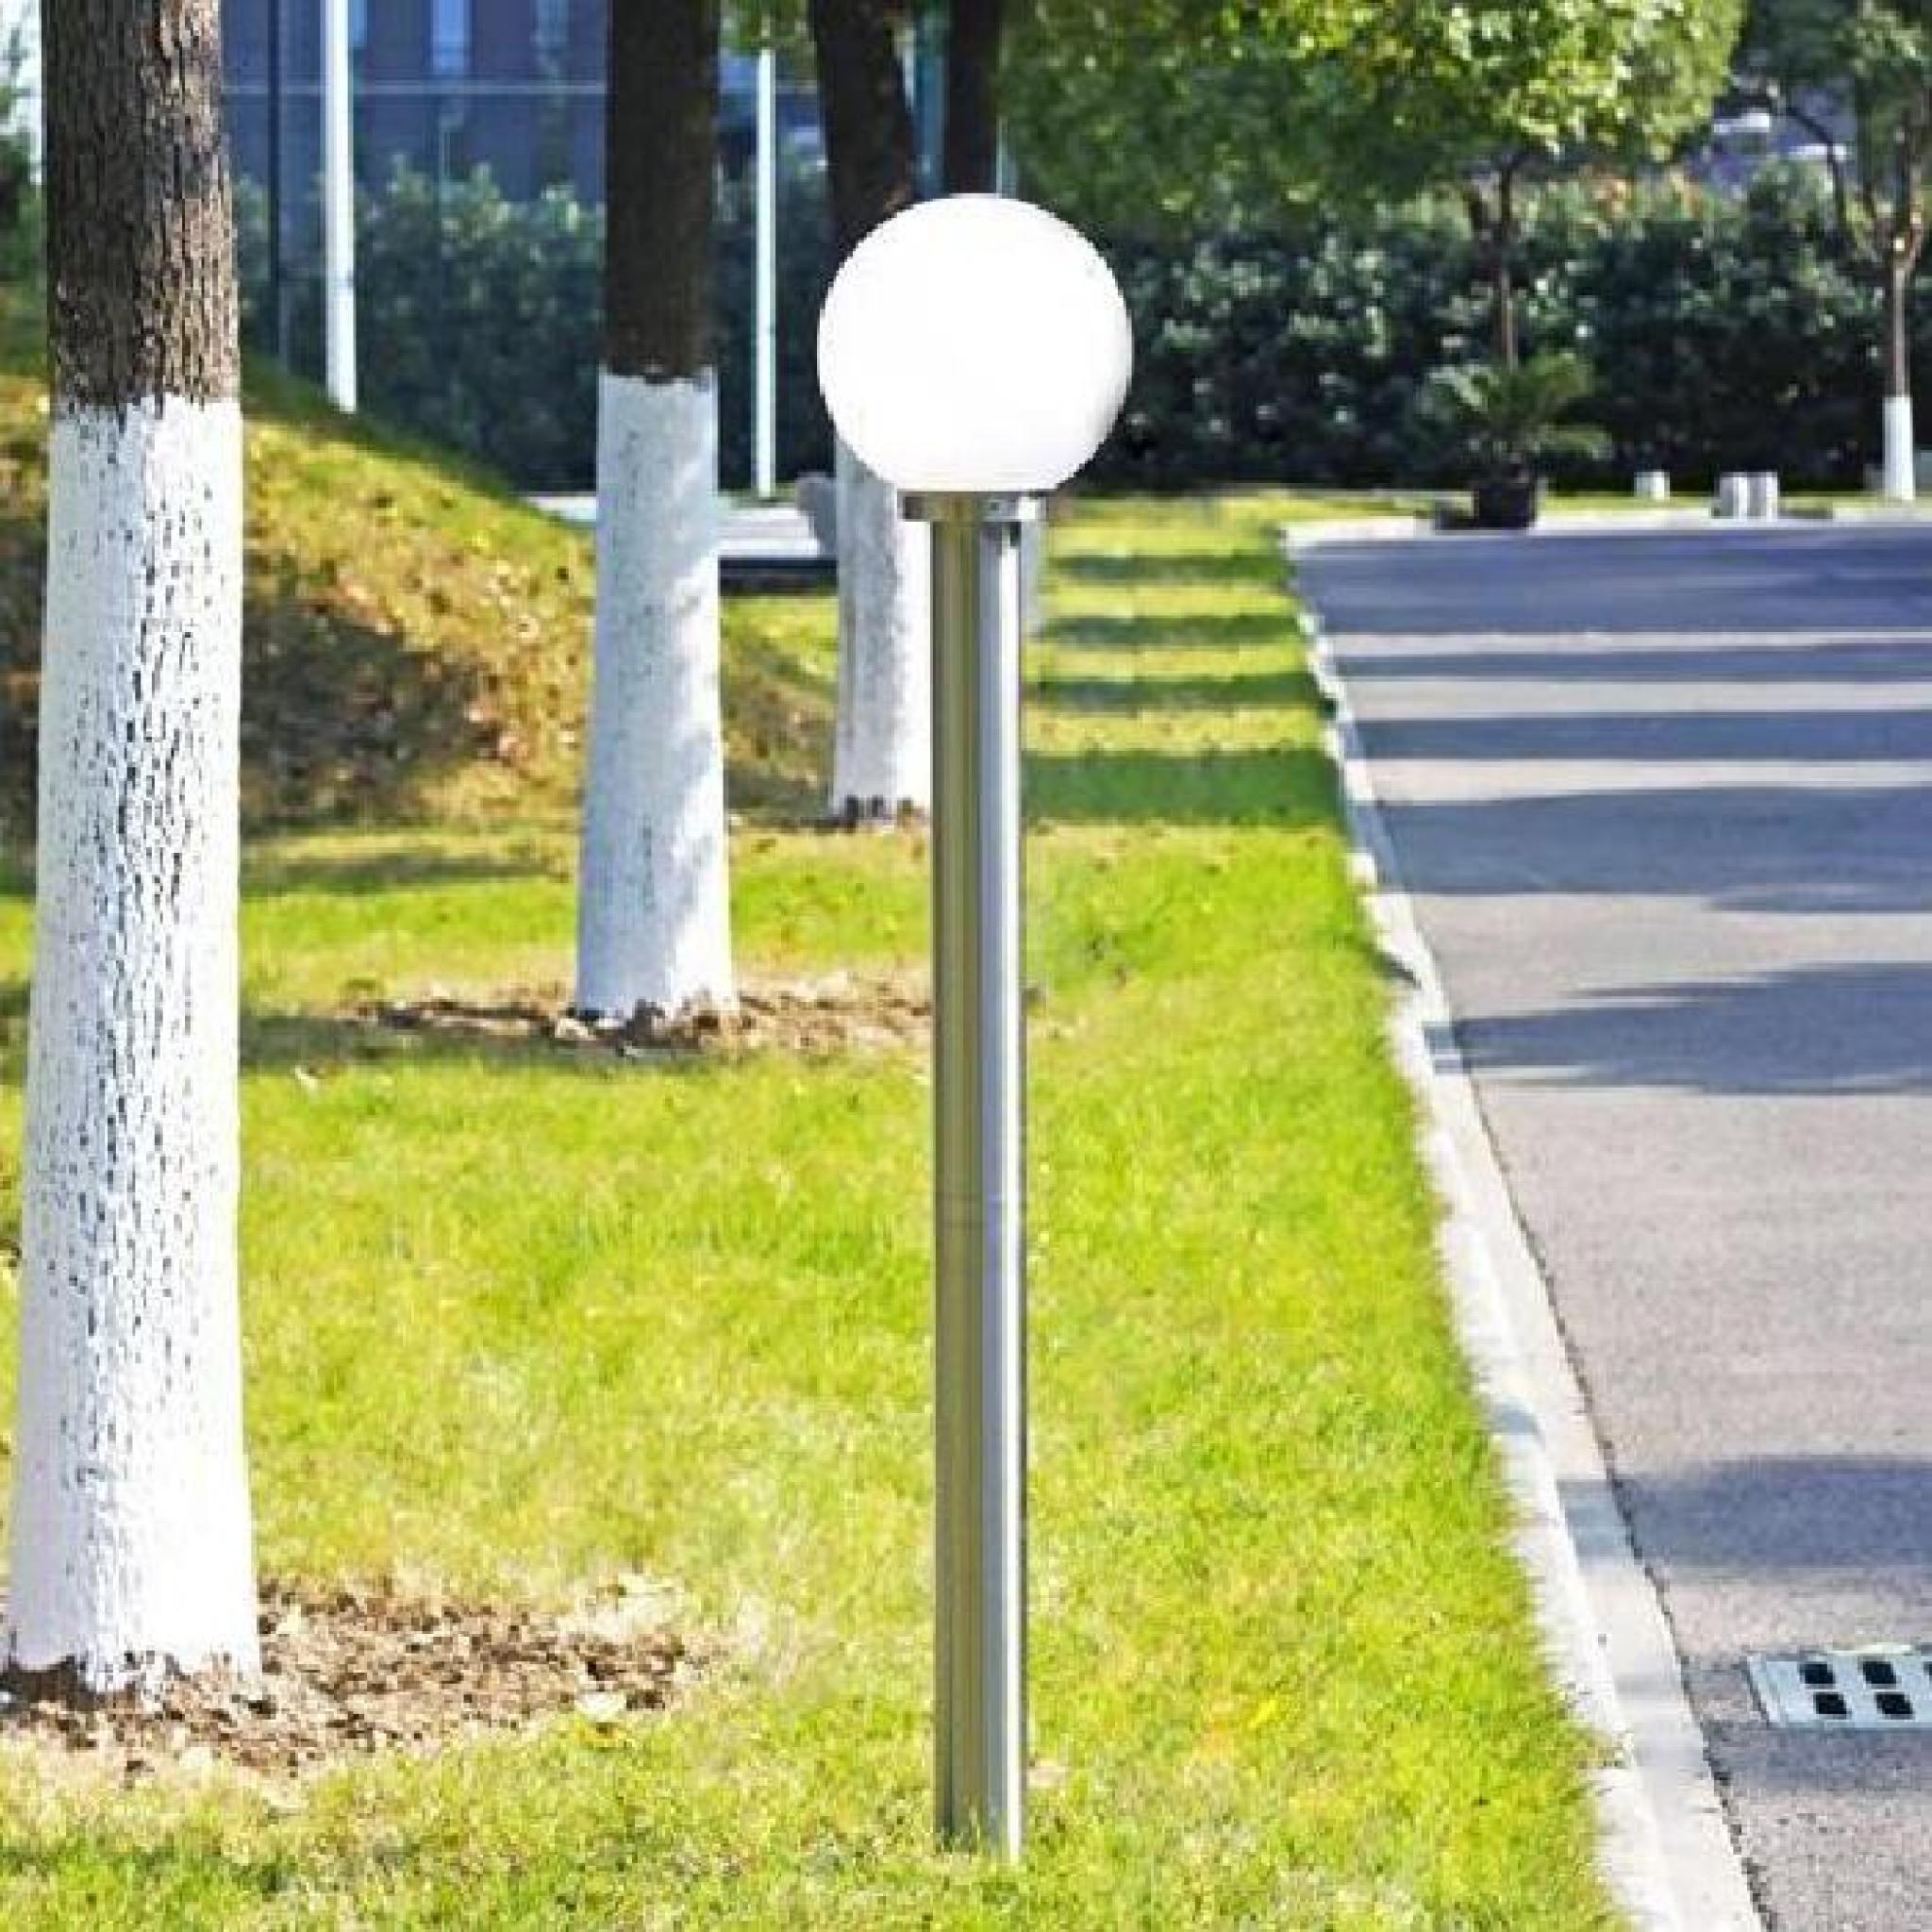 lampadaire exterieur design moderne 1 tete blanc achat vente lampadaire jardin pas cher coindujardin com